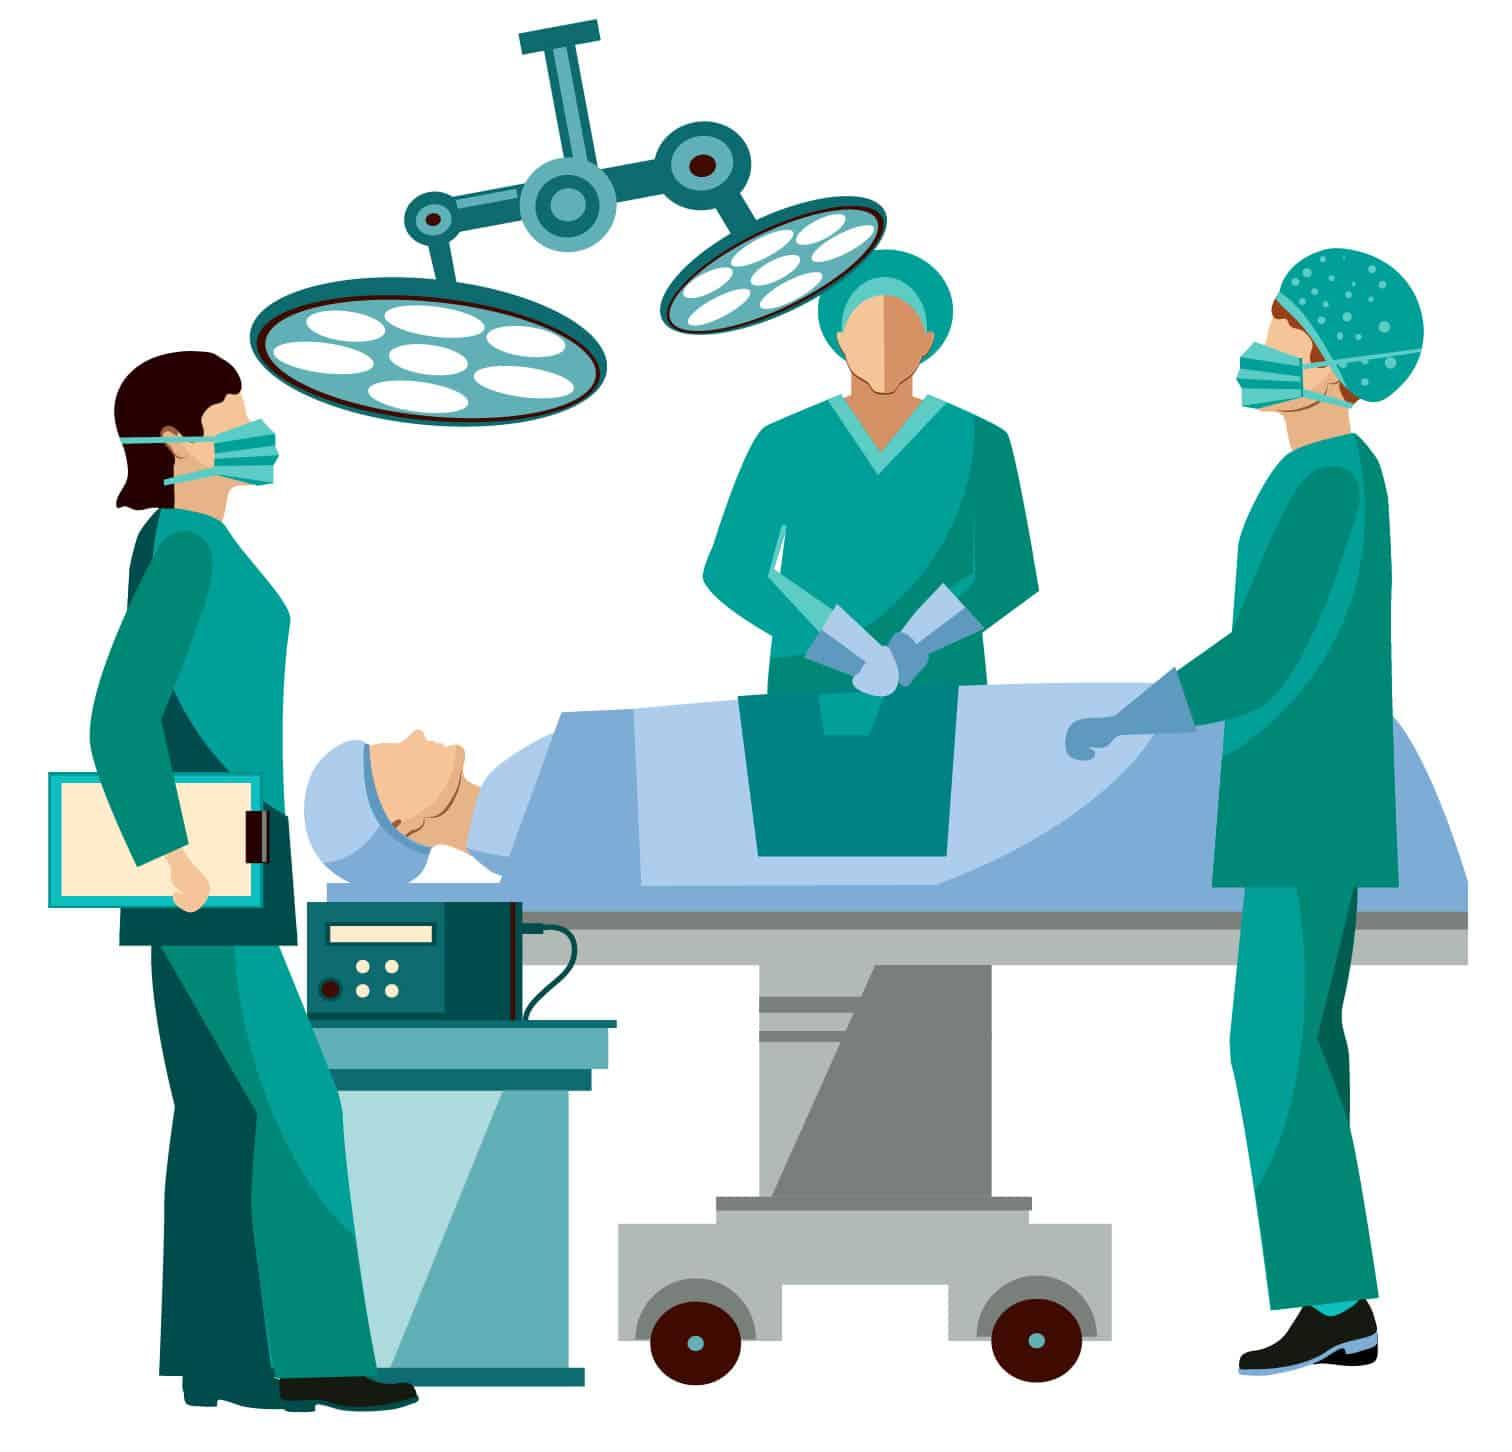 ציור של שלושה מנתחים בחדר ניתוח מבצעים ניתוח לאדם